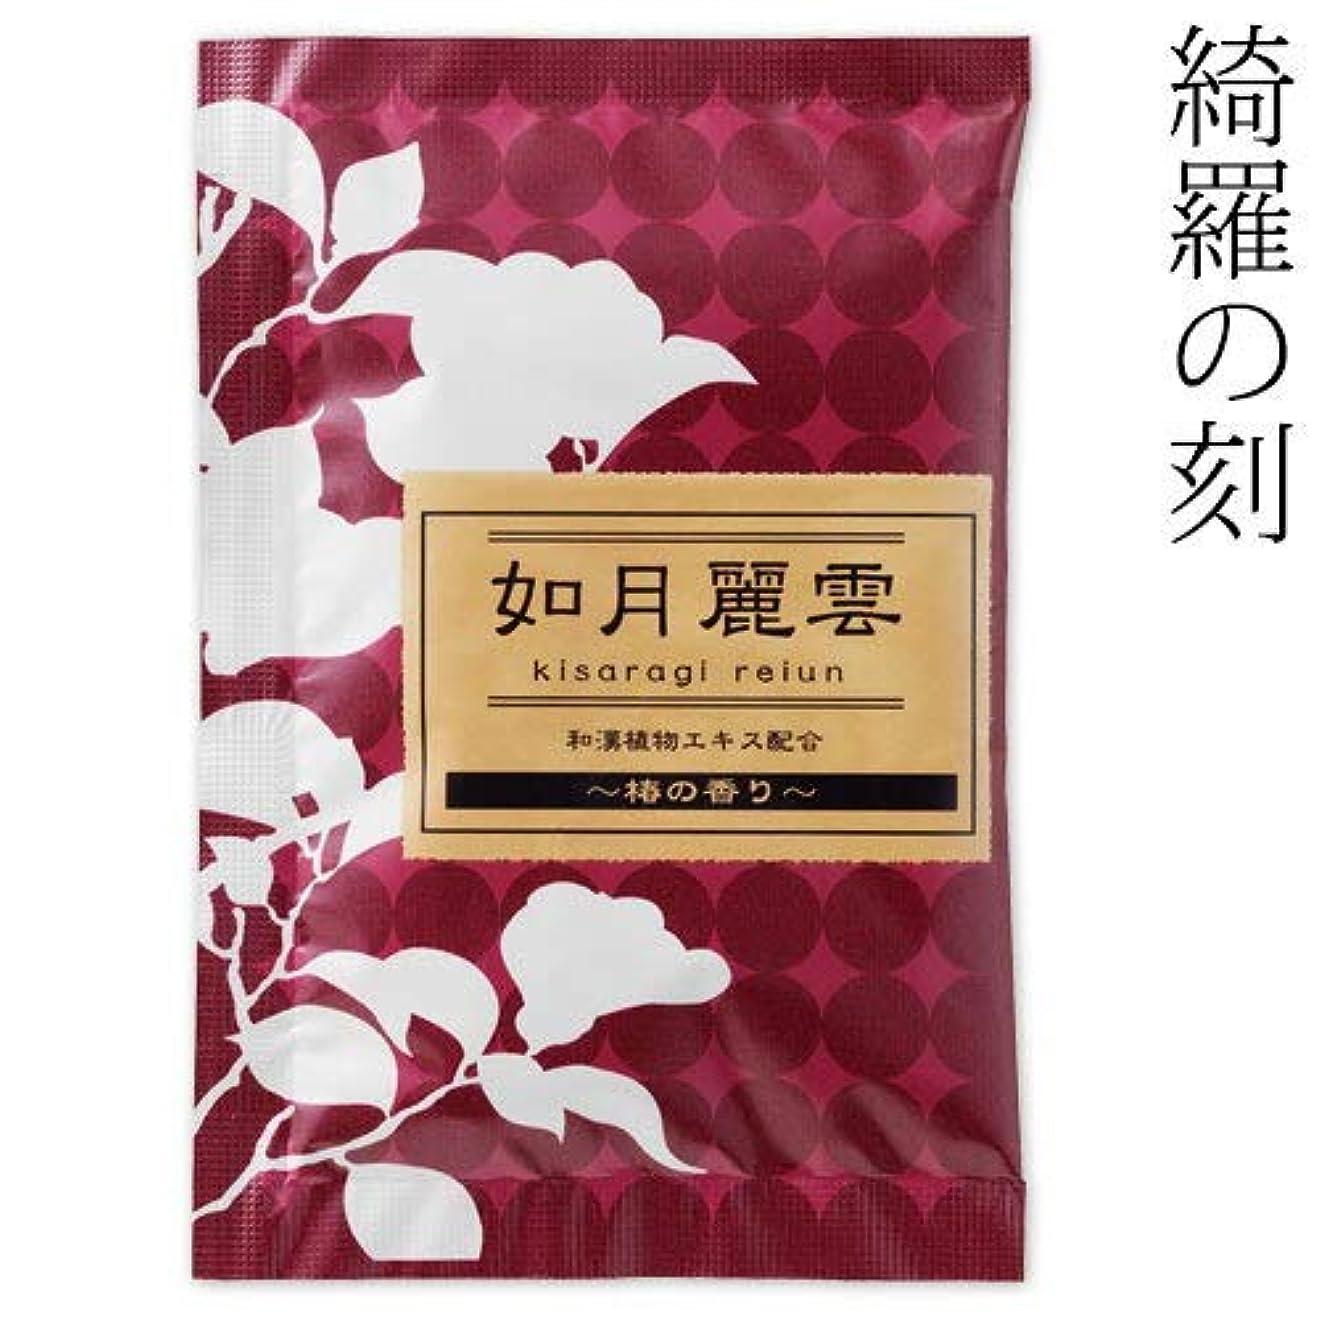 構造提供された胚芽入浴剤綺羅の刻椿の香り如月麗雲1包石川県のお風呂グッズBath additive, Ishikawa craft